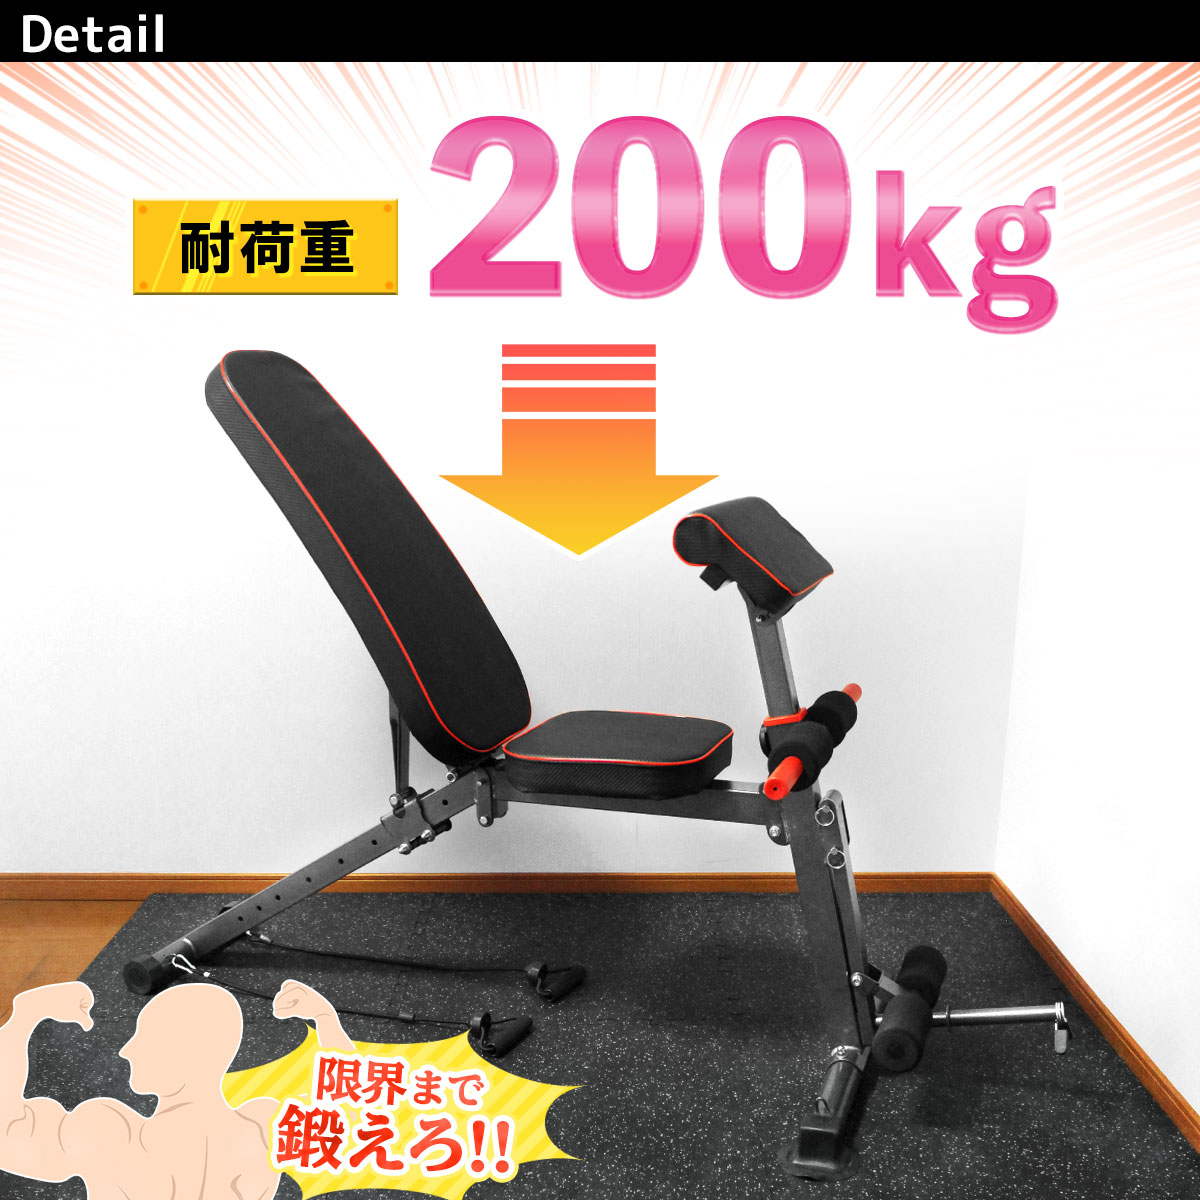 マルチベンチ 筋トレ トレーニングベンチ 折りたたみ 腹筋 KK-021DZ